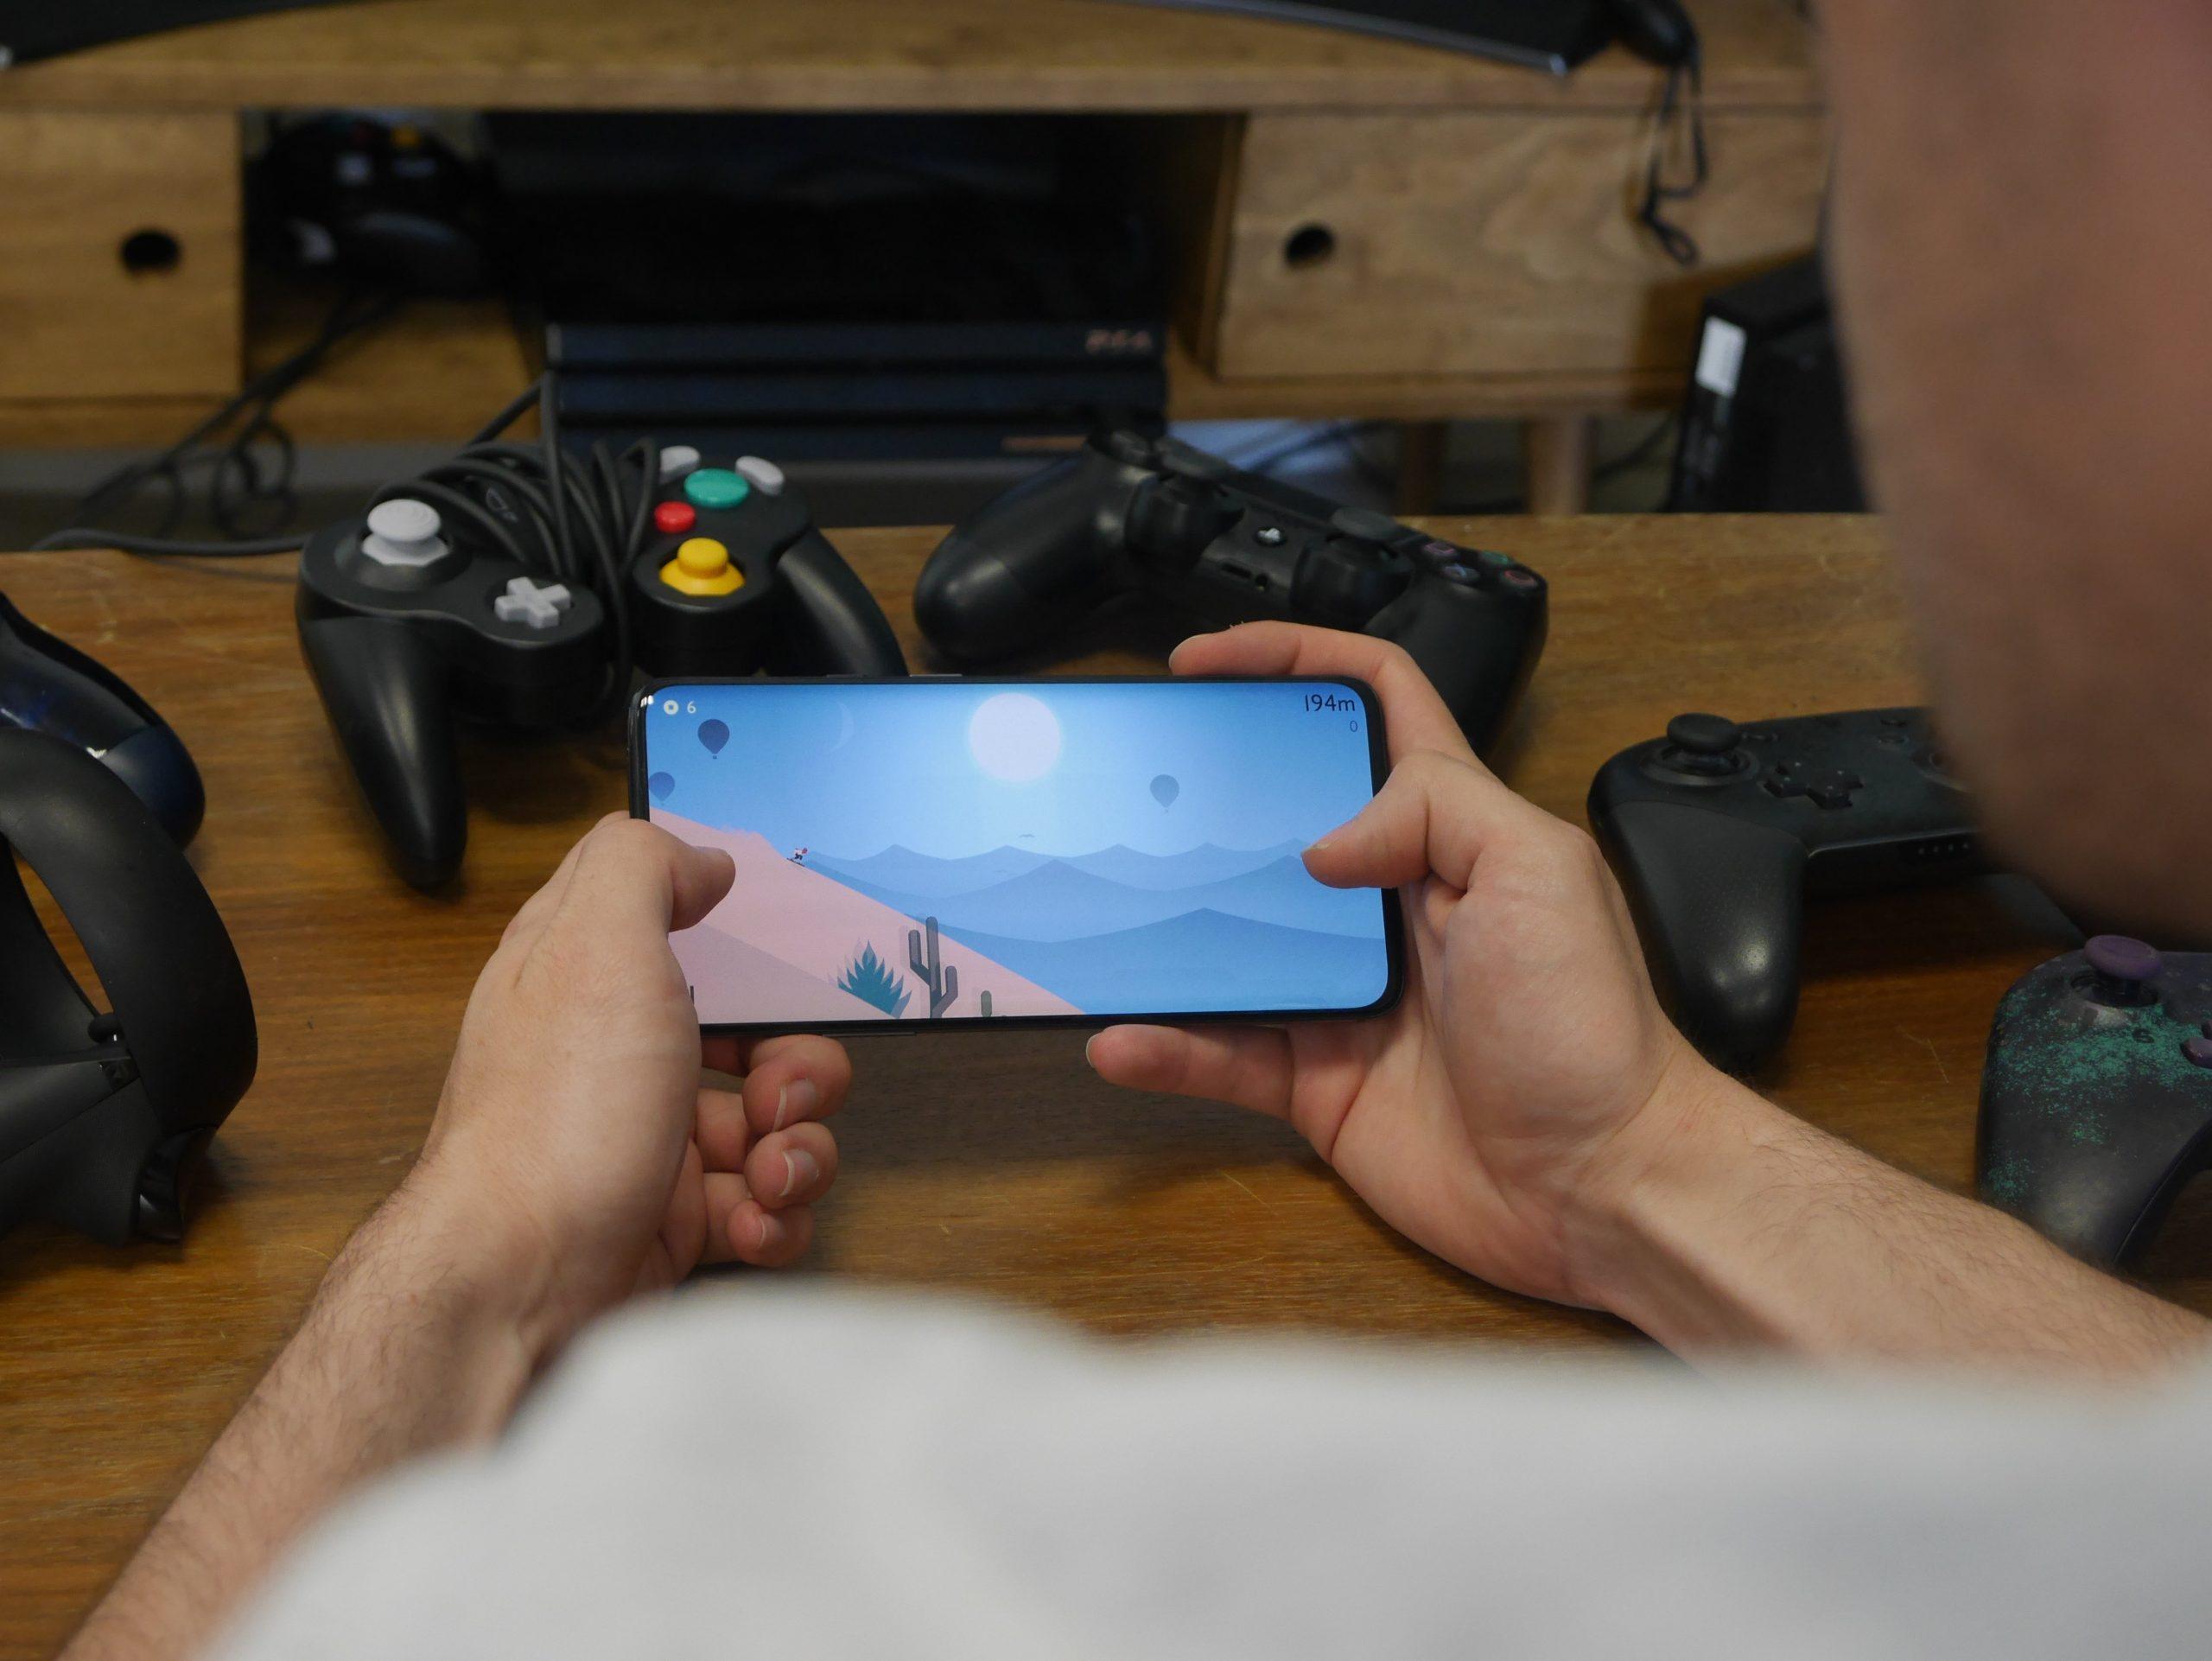 Les Meilleurs Jeux Gratuits Sur Android En 2020 à Jouer Puzzle Gratuit